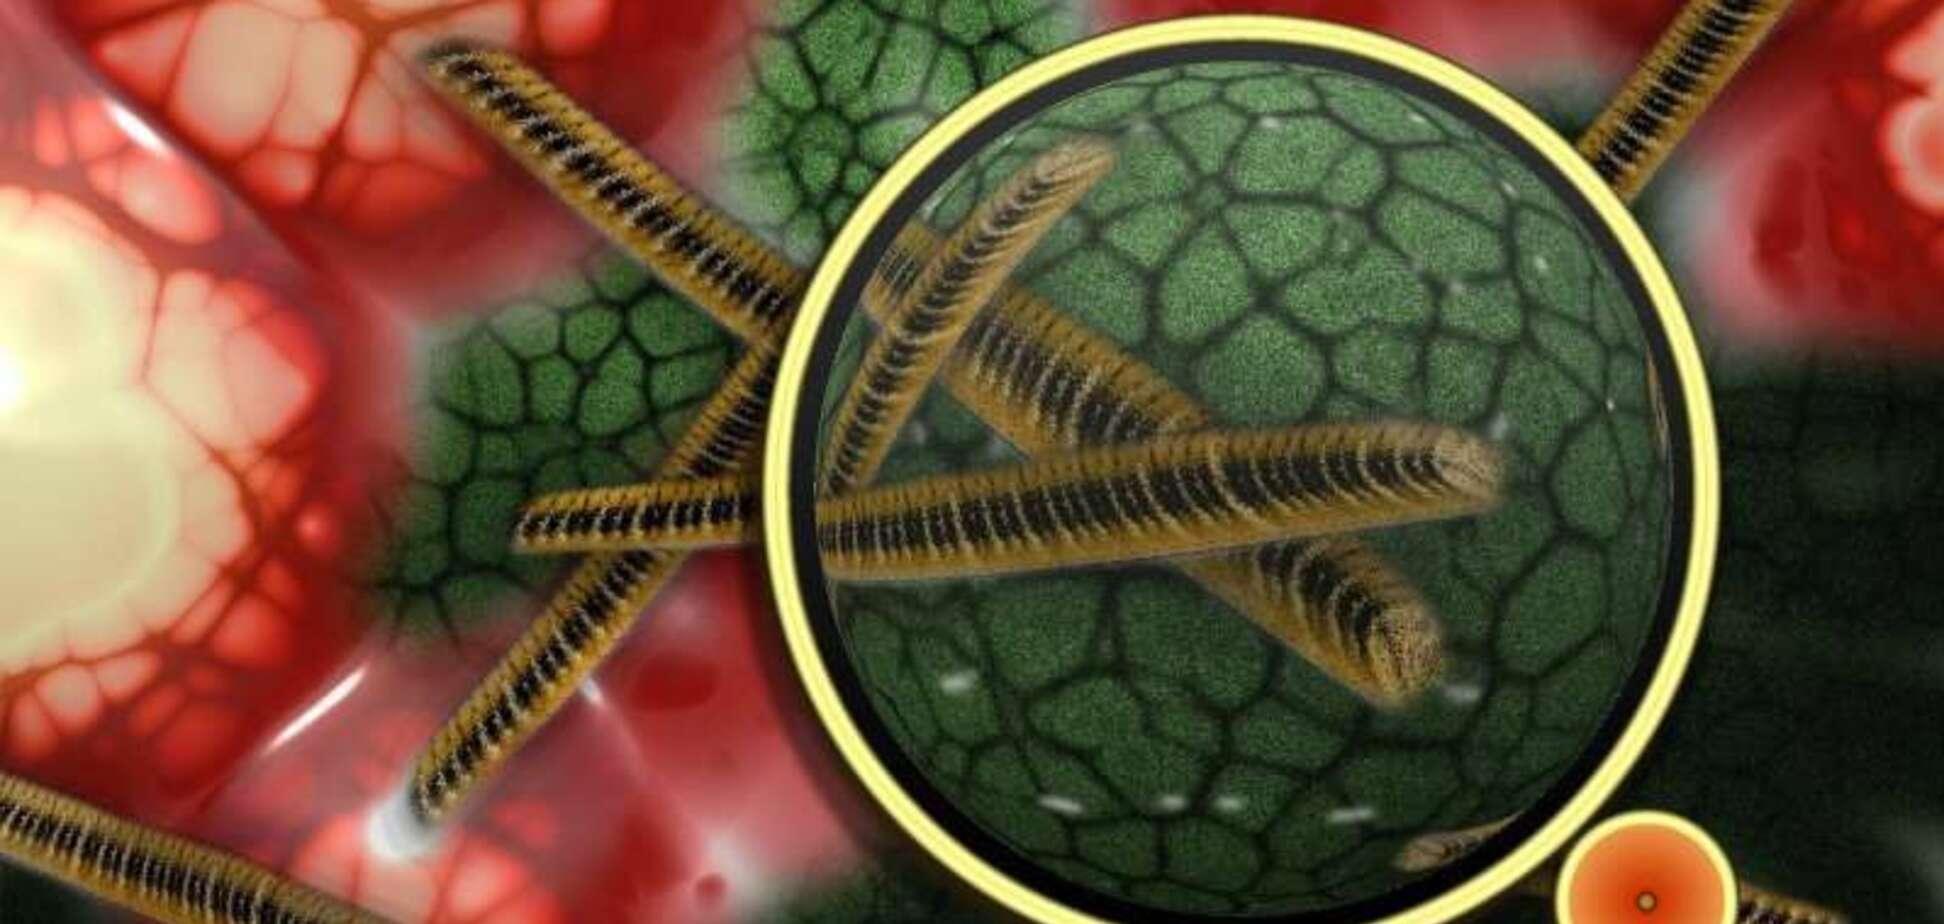 В організмі людини знайдено новий невідомий вірус